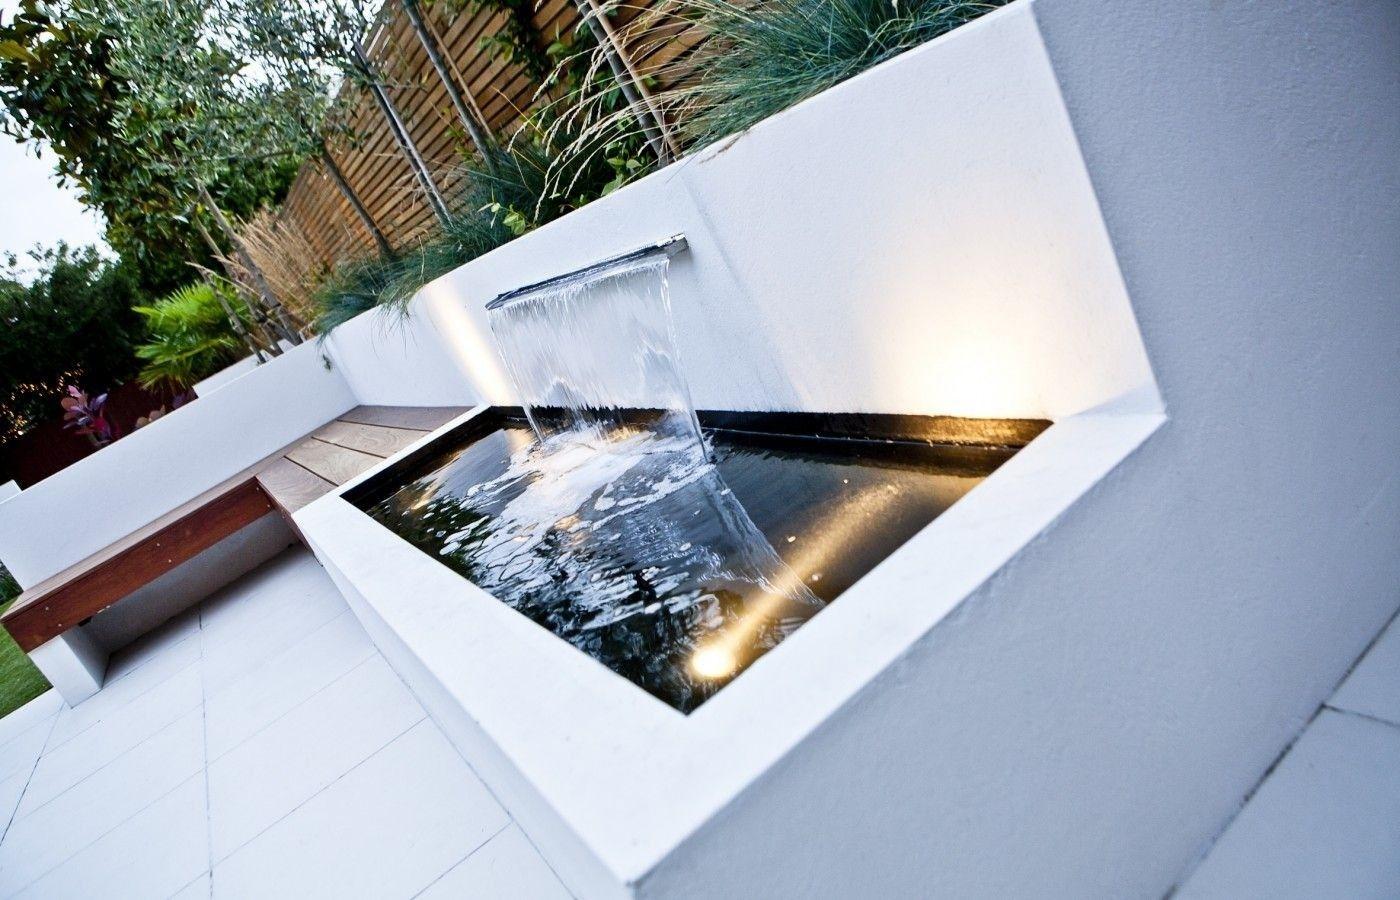 Pin di marina laneri su backyard fuente de pared for Decorazioni esterne giardino